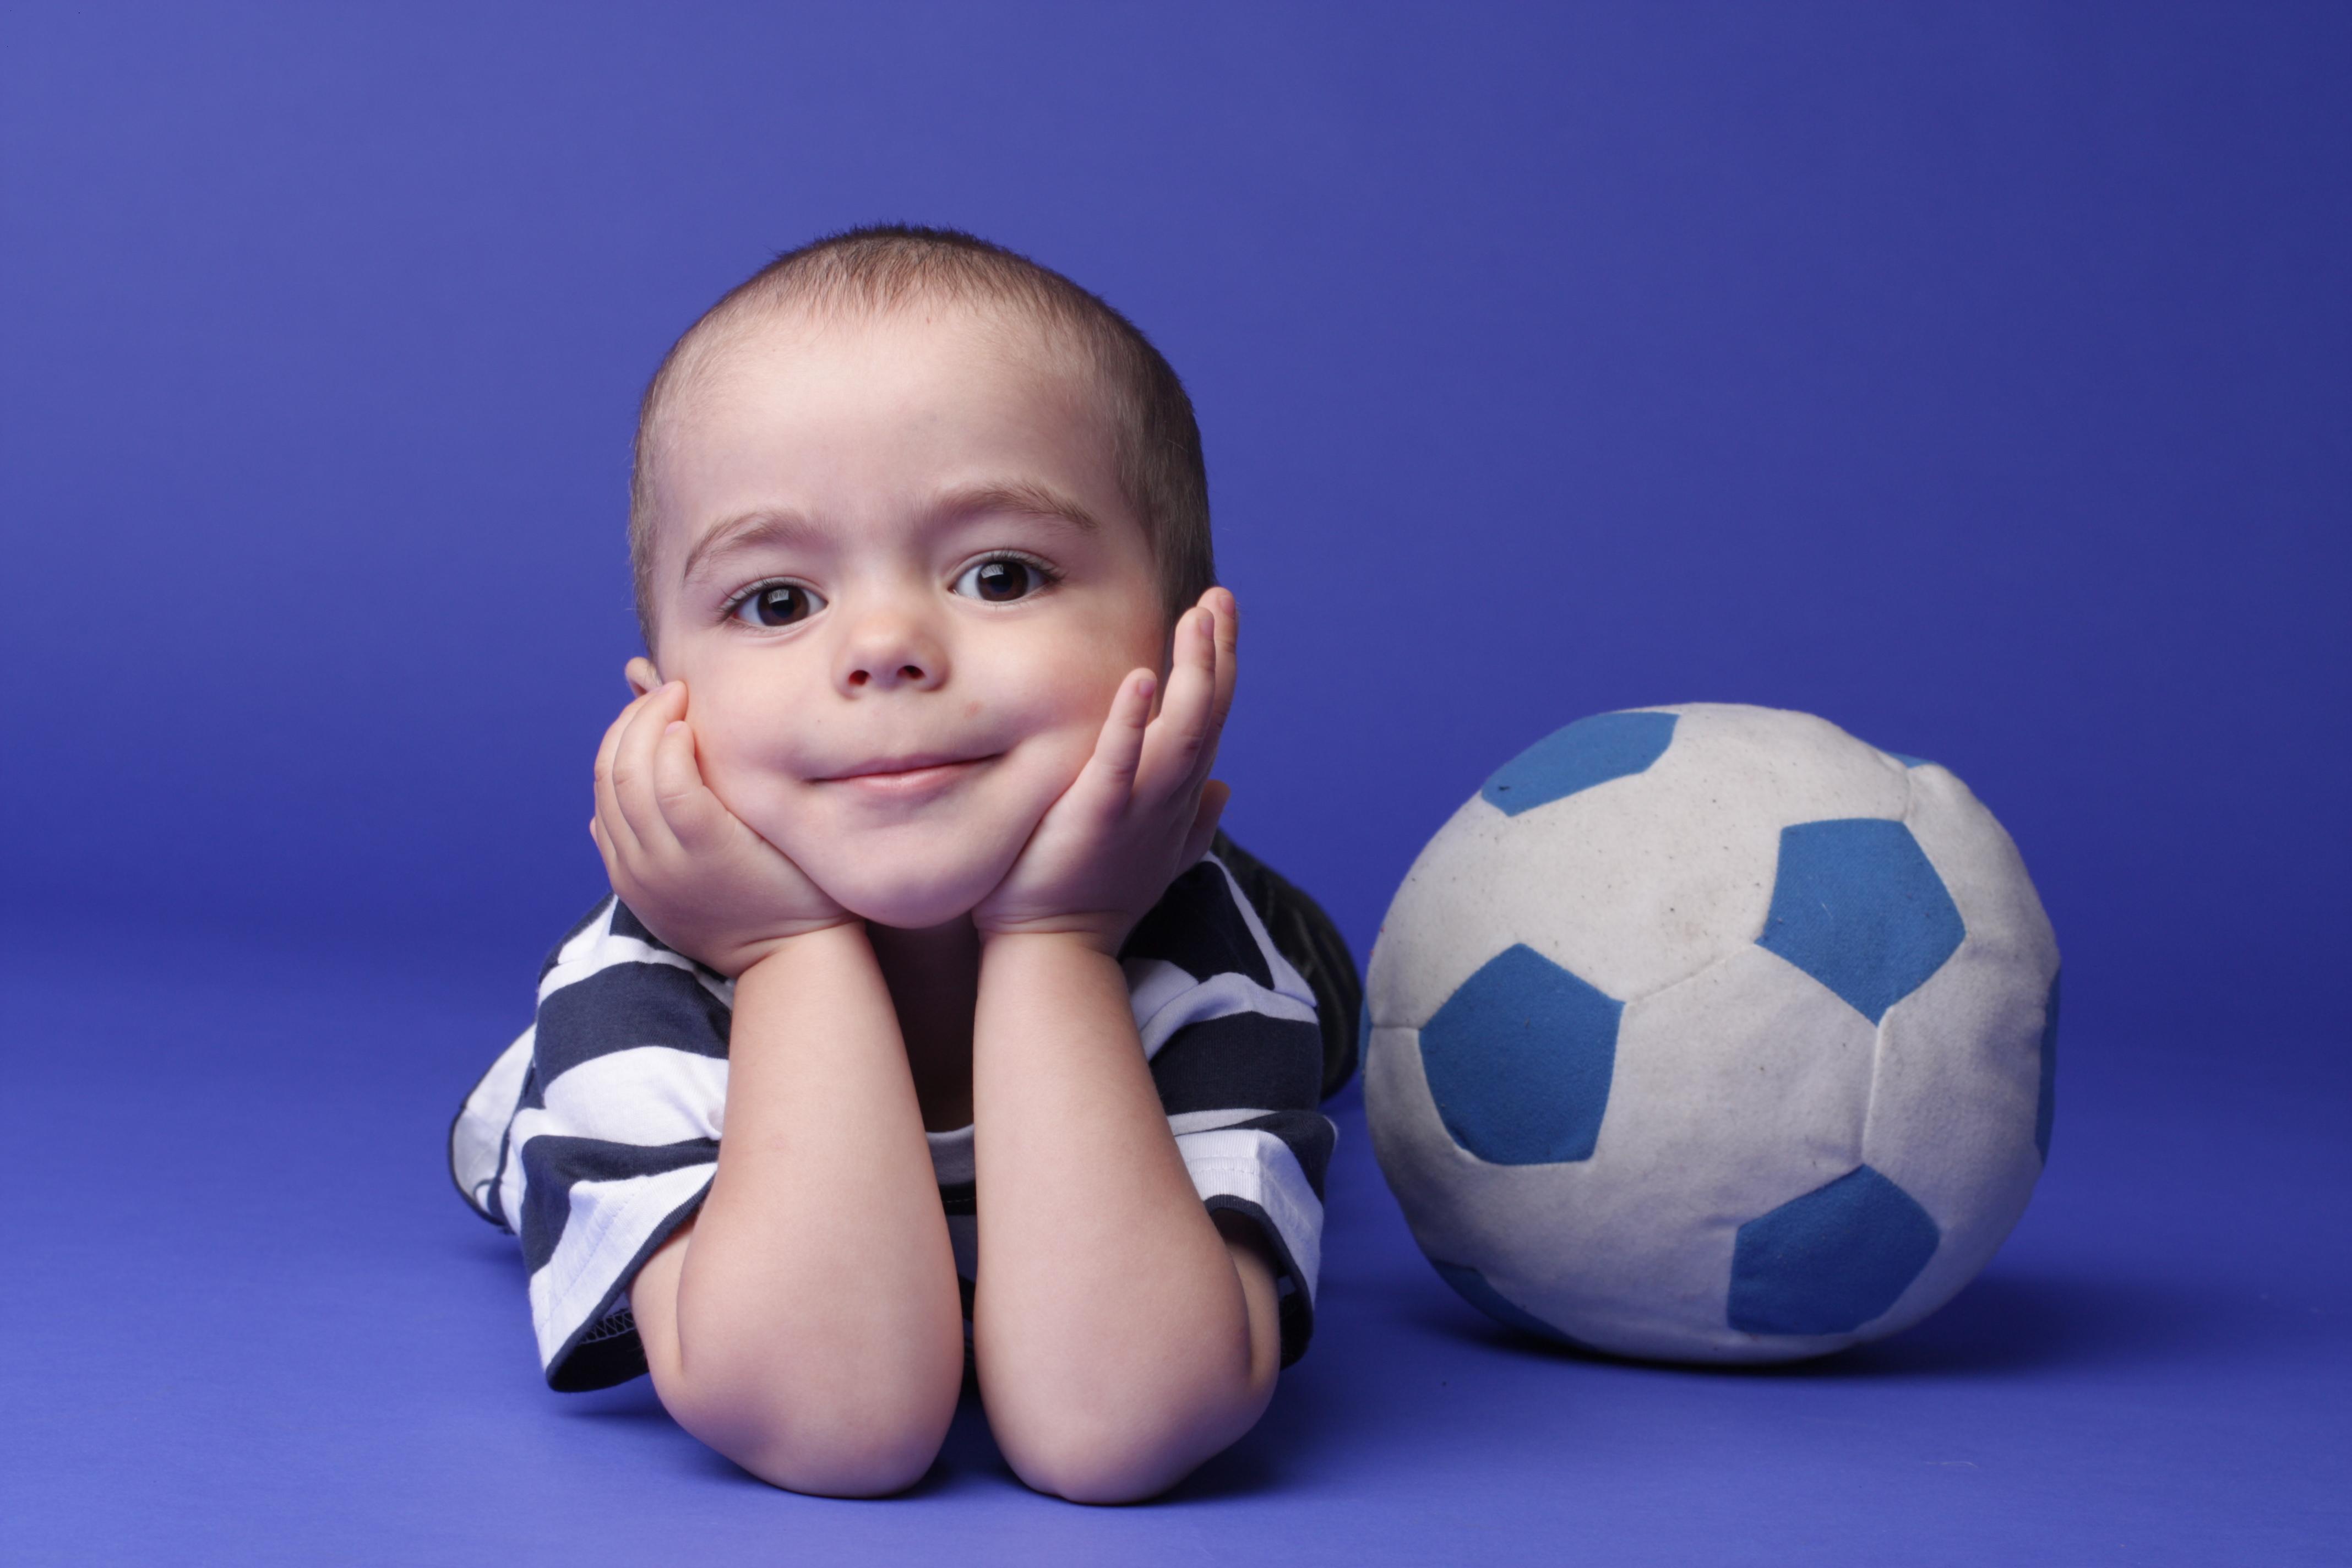 юный футболист. Очаровательные глазки